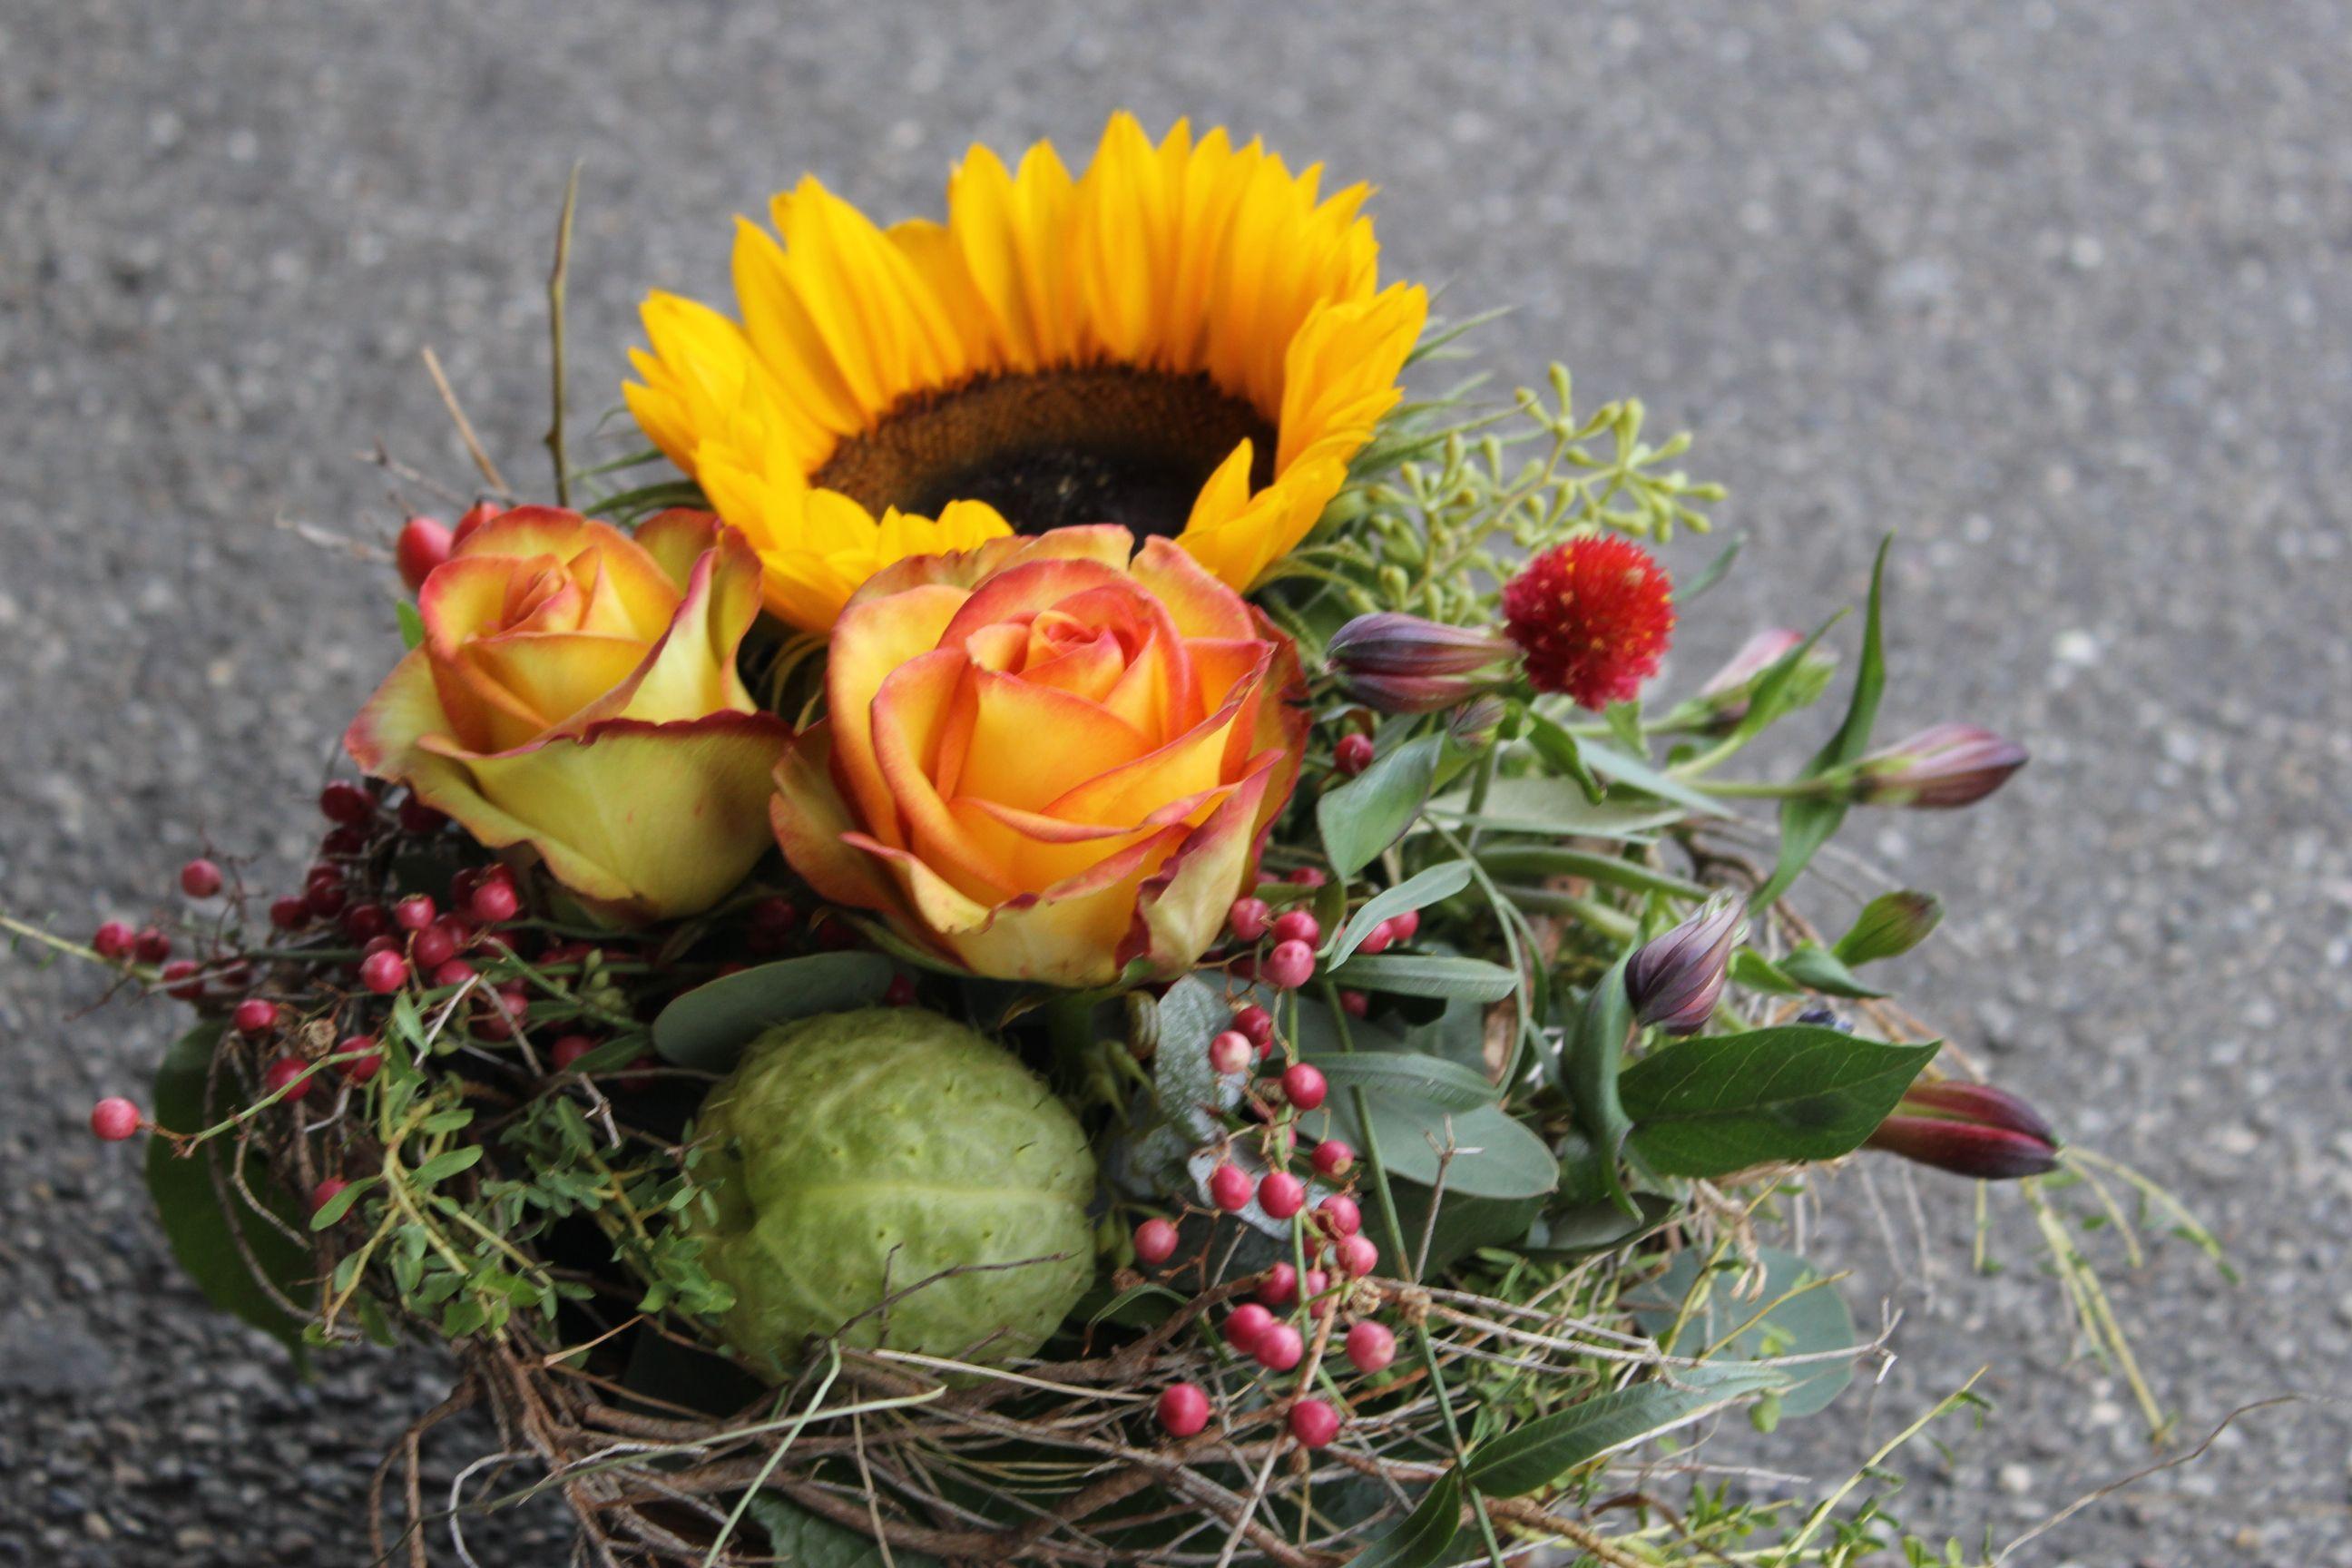 Herbstgesteck Herbstdeko Herbst Gesteck Tischdeko Sonnenblumen Orange Gelb